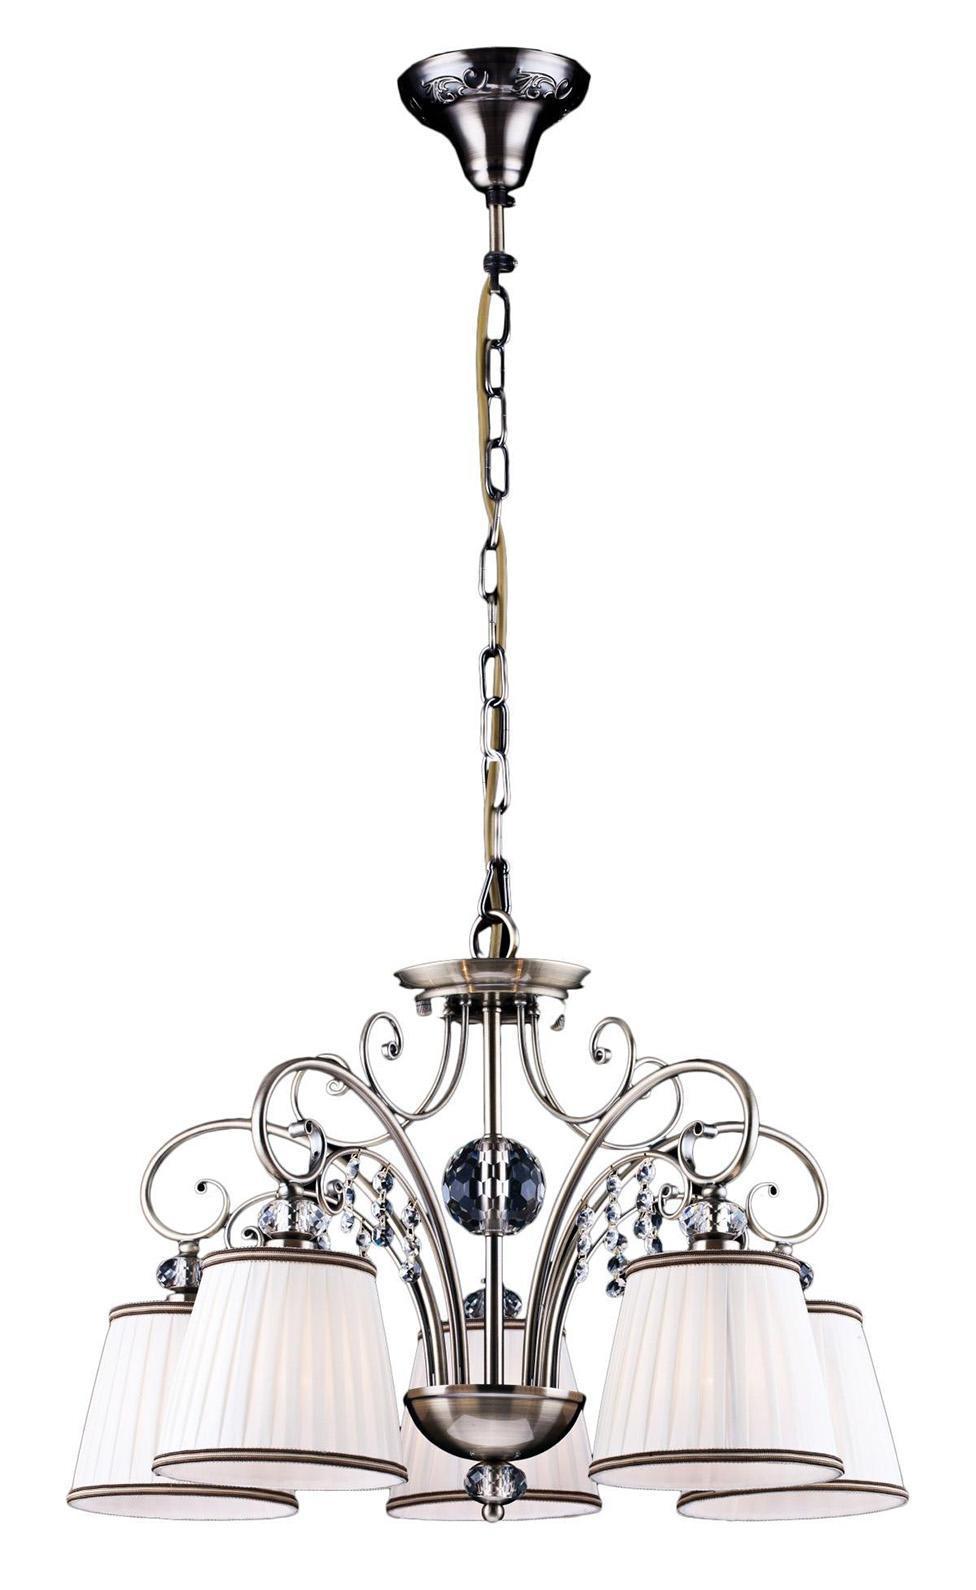 Люстра Arte lamp A2079lm-5ab arte lamp люстра arte lamp a7556pl 5ab